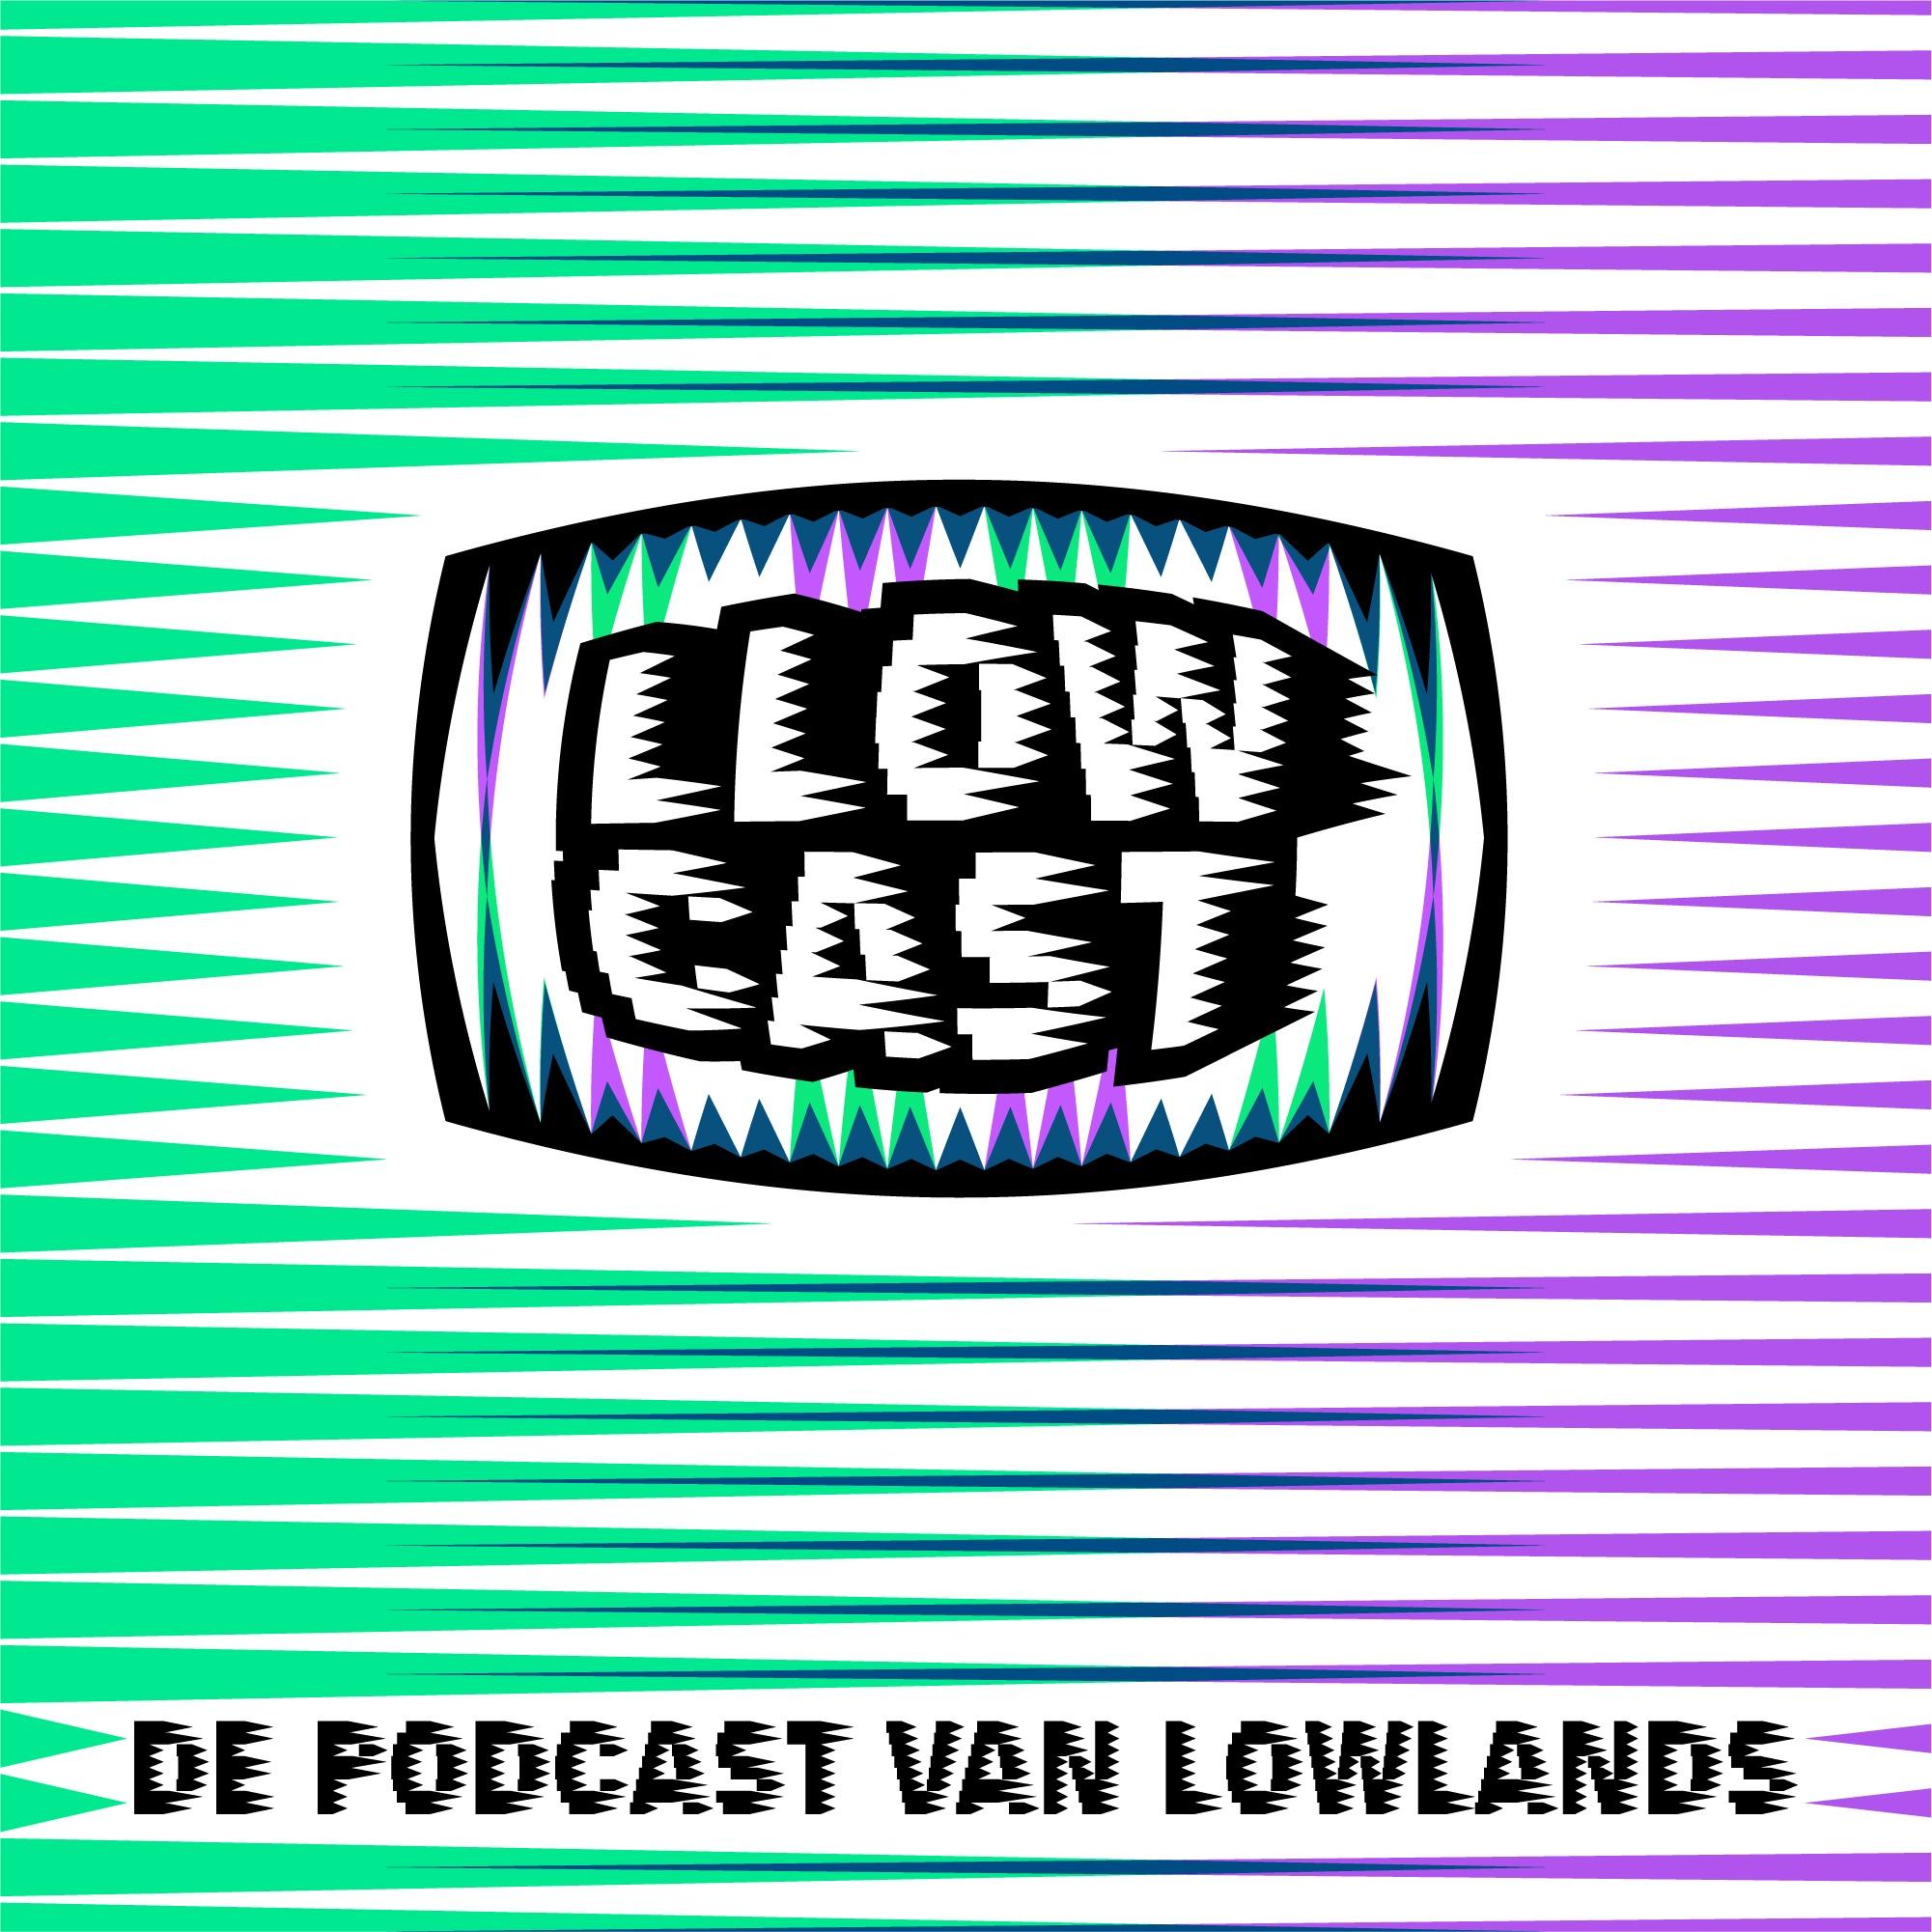 LLOWCAST logo